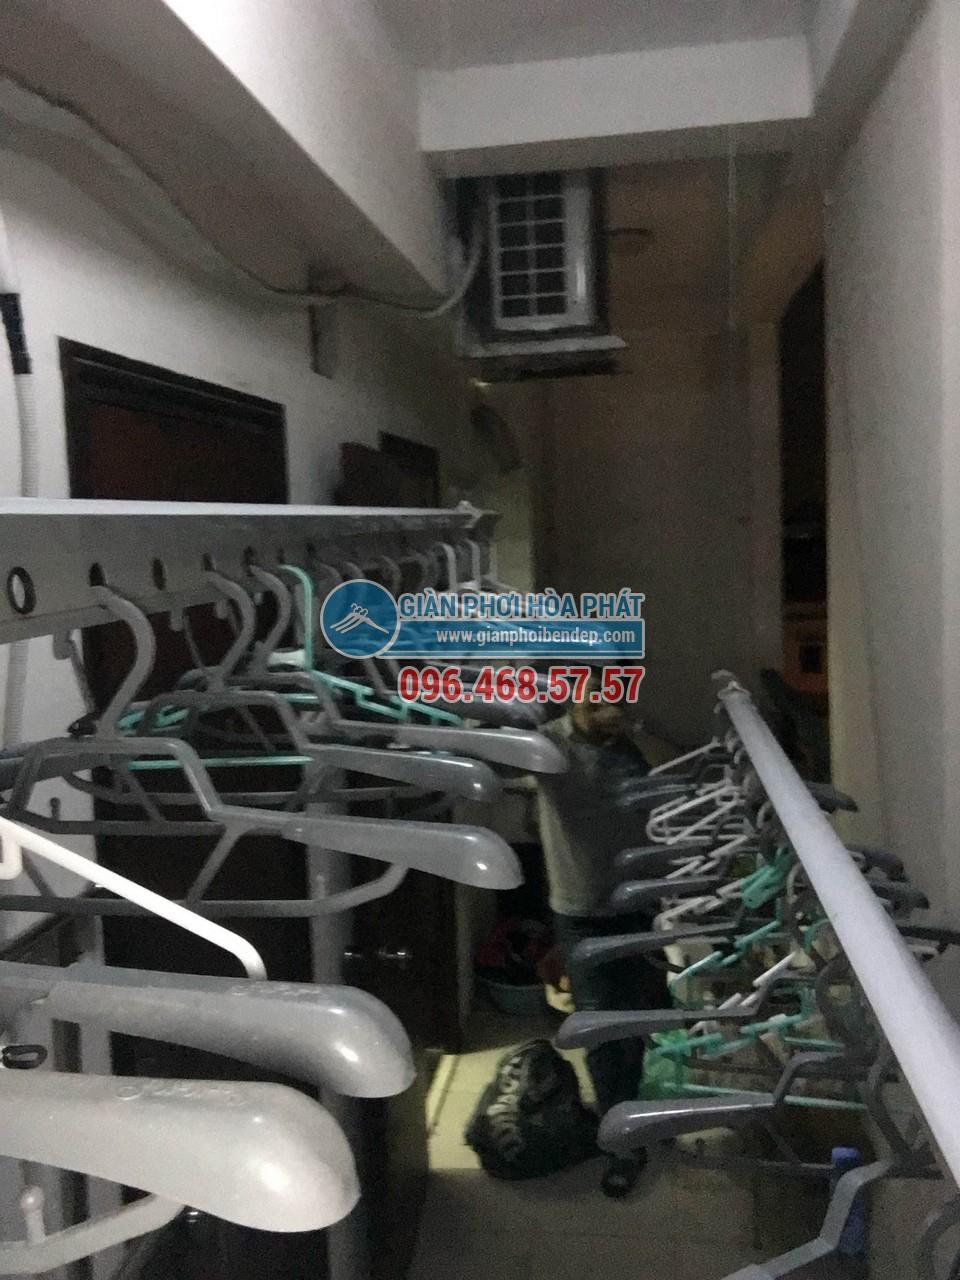 Hình ảnh thực tế của giàn phơi thông minh tại bạn công nhỏ hẹp nhà chị Lan 04